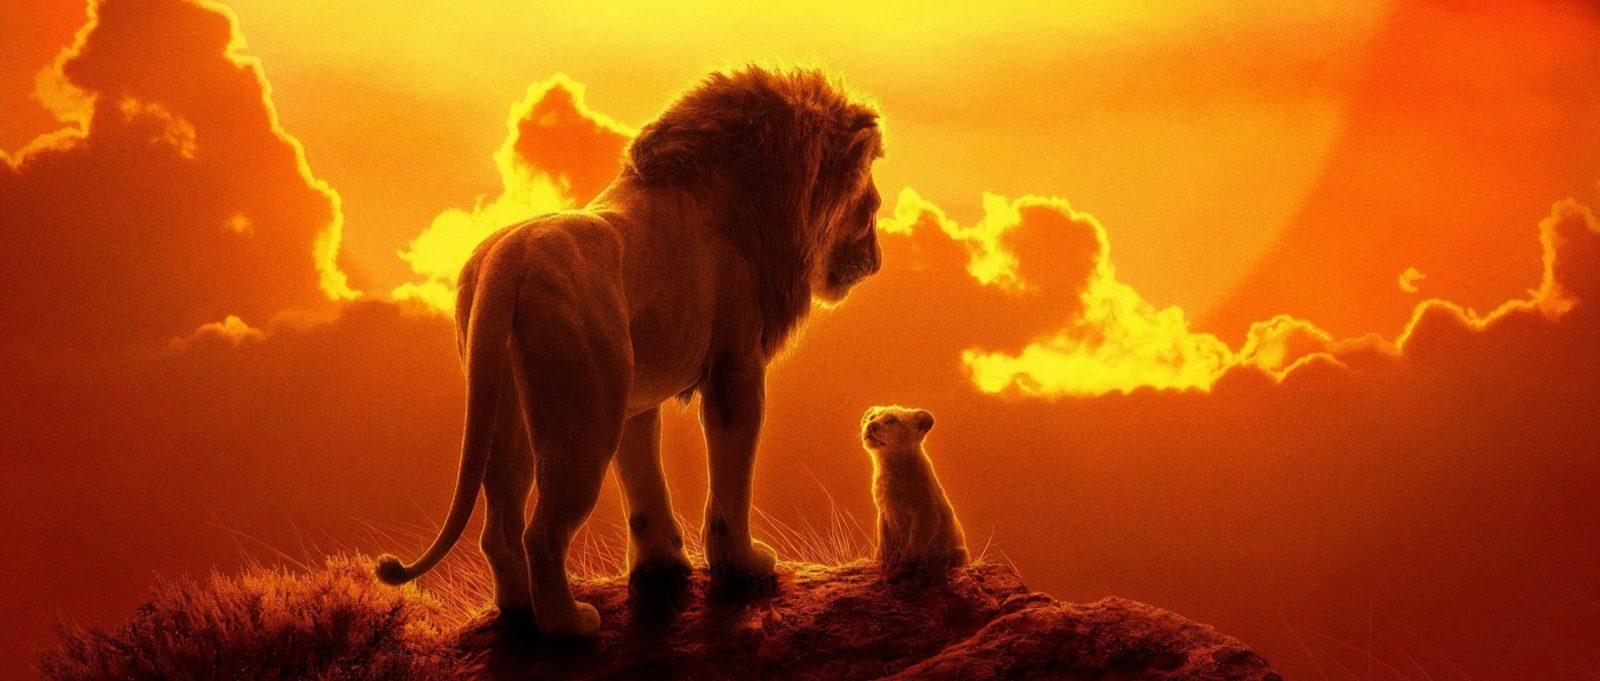 Новые постеры фильма «Король лев»